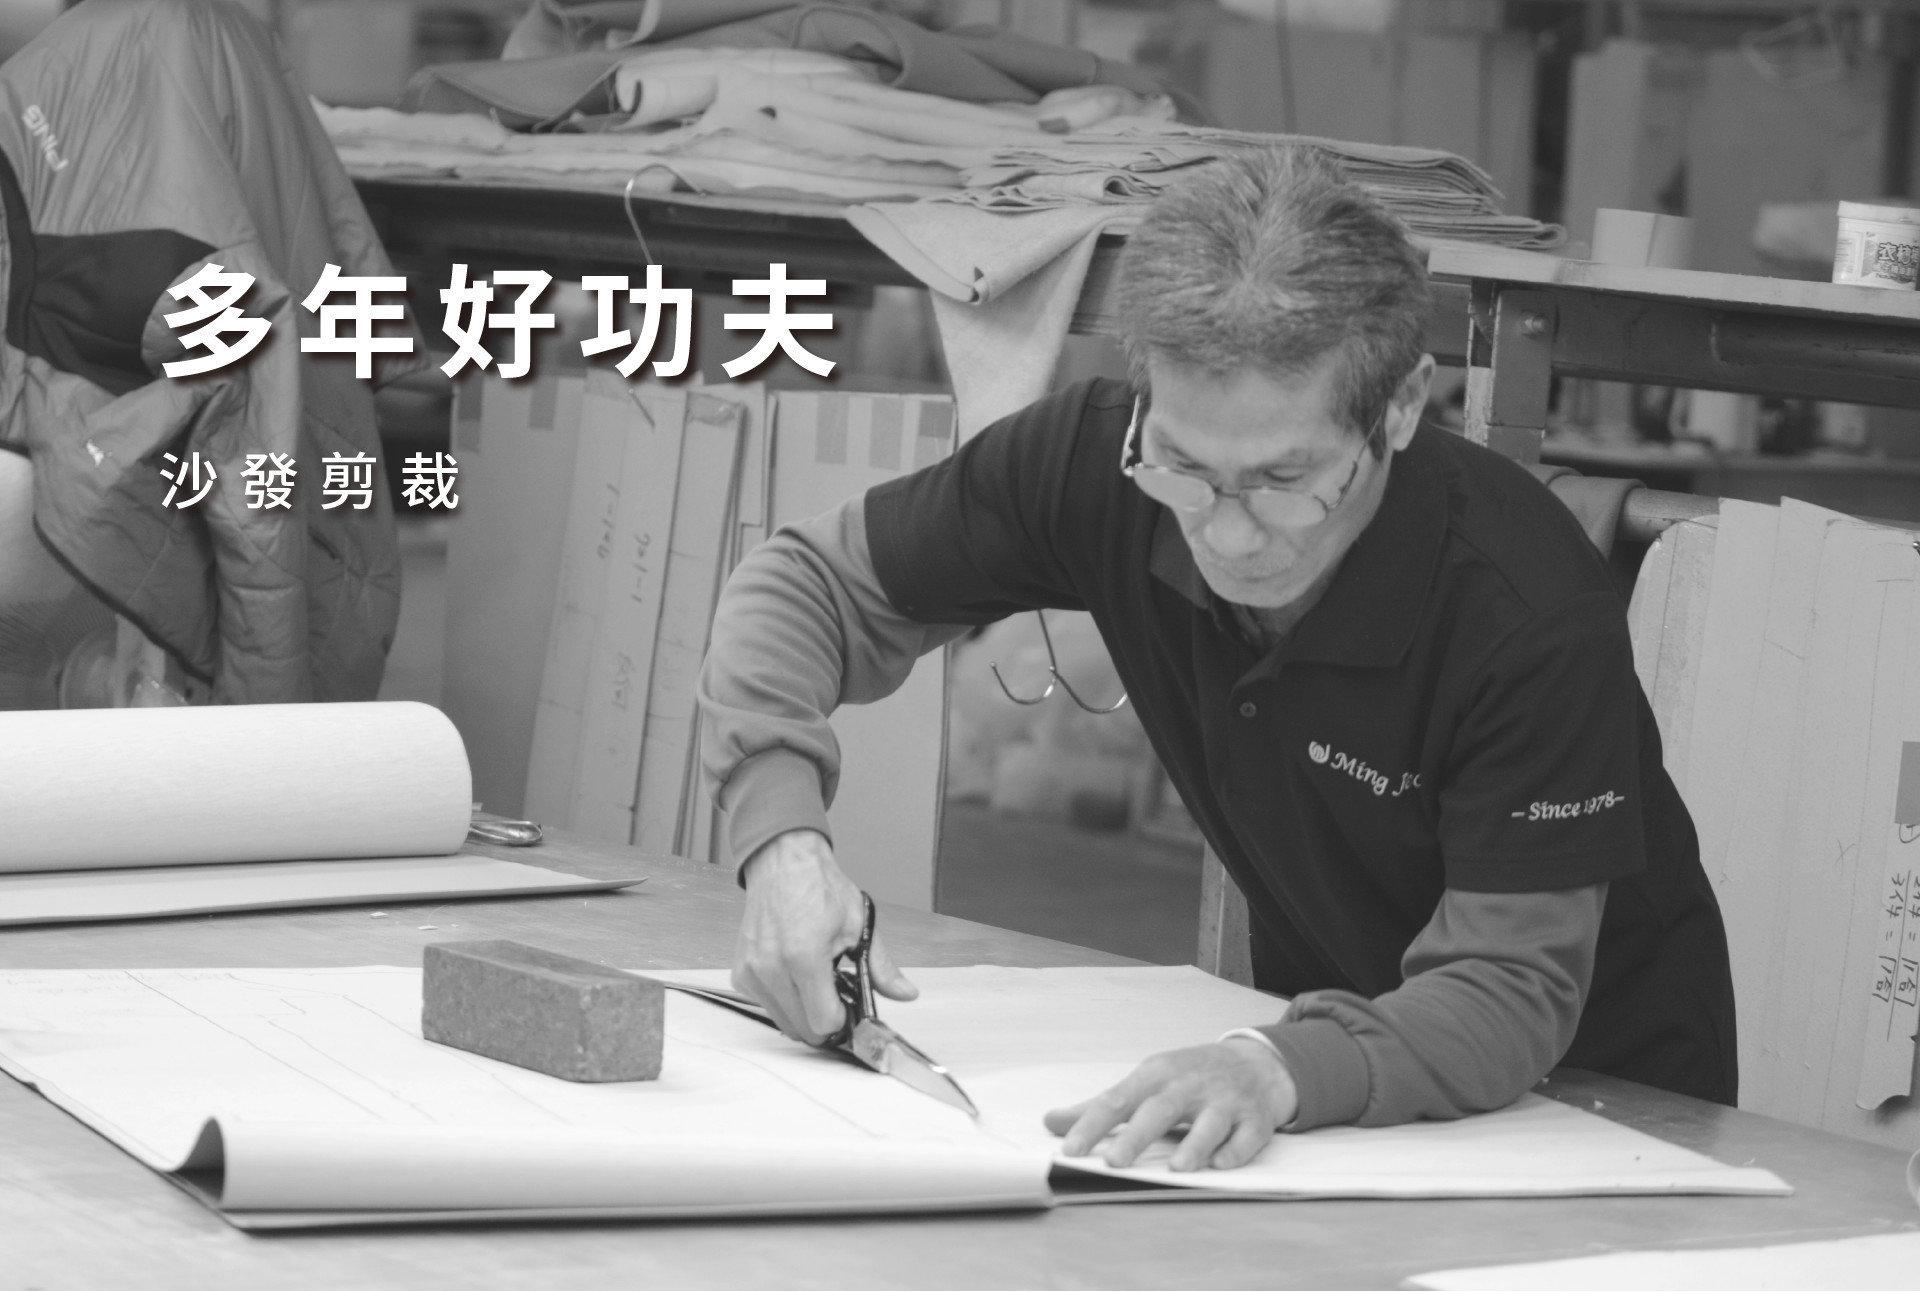 明久家具,專業沙發床墊品牌,多位專業師傅,超過30年製作經驗,展現傳統結合現代的工藝技術